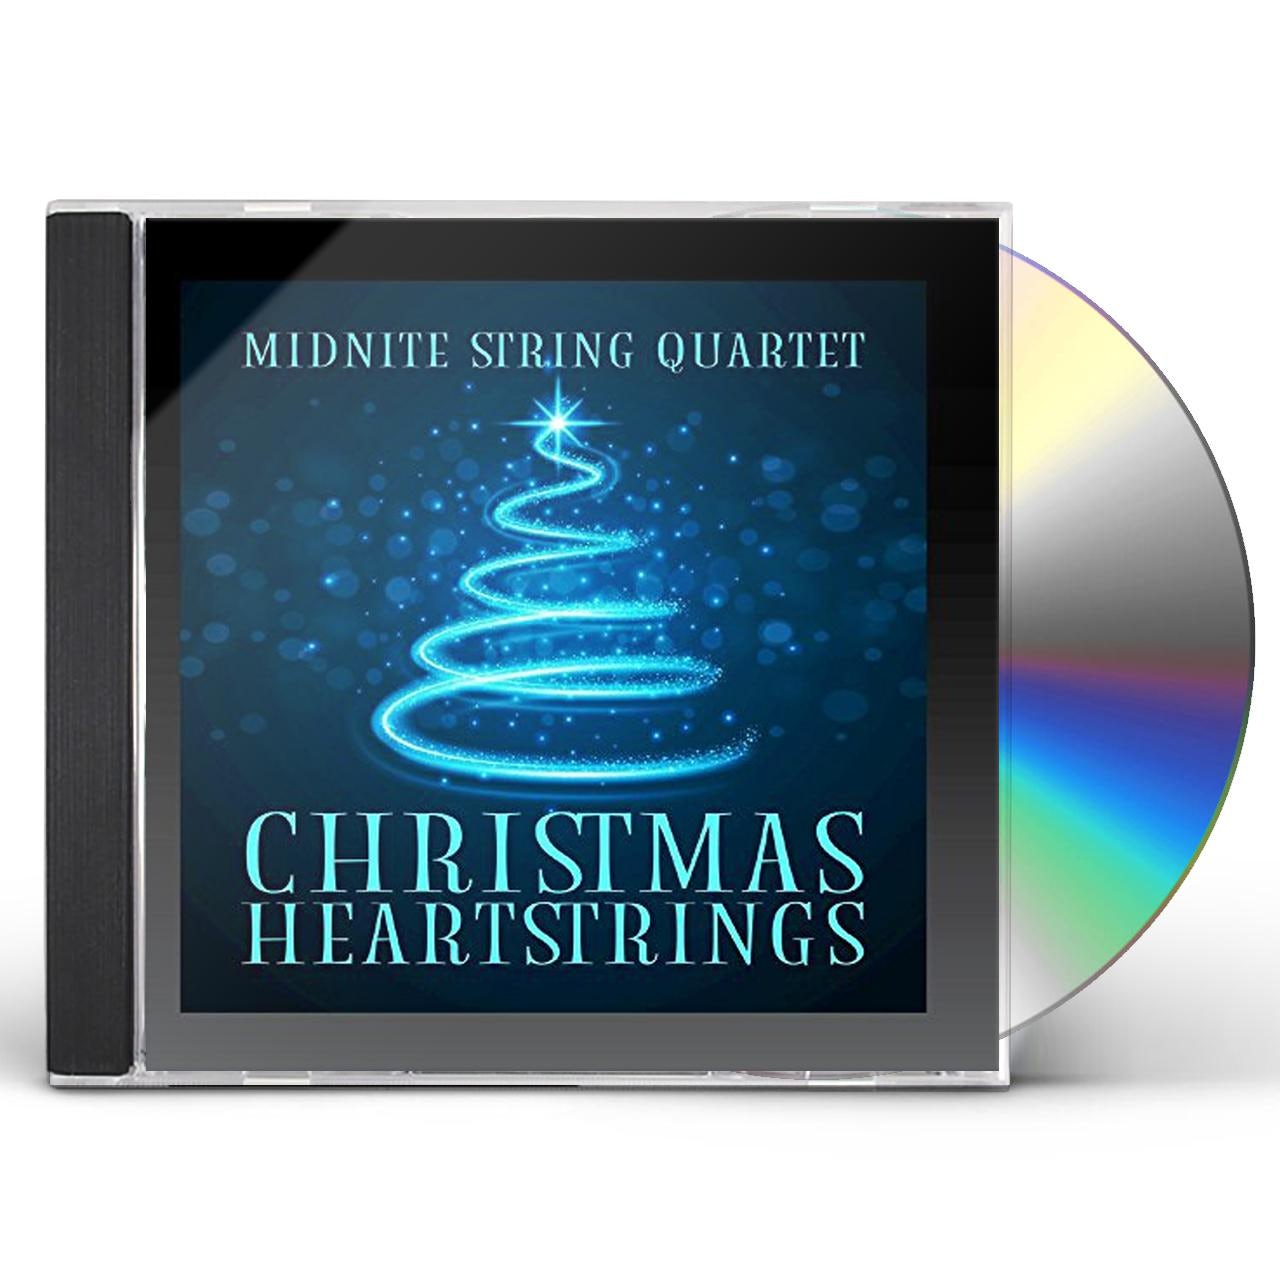 Midnite String Quartet CHRISTMAS HEARTSTRINGS CD